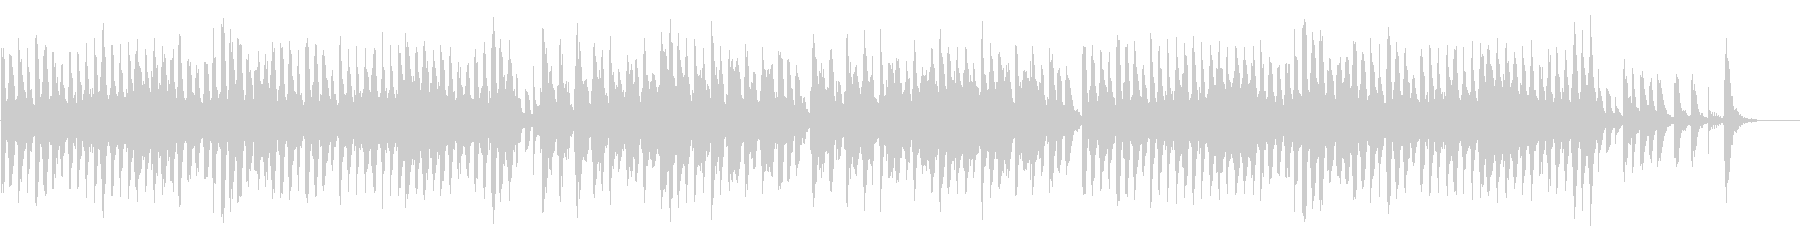 マリンバとアコーディオンの弾むポップスの未再生の波形